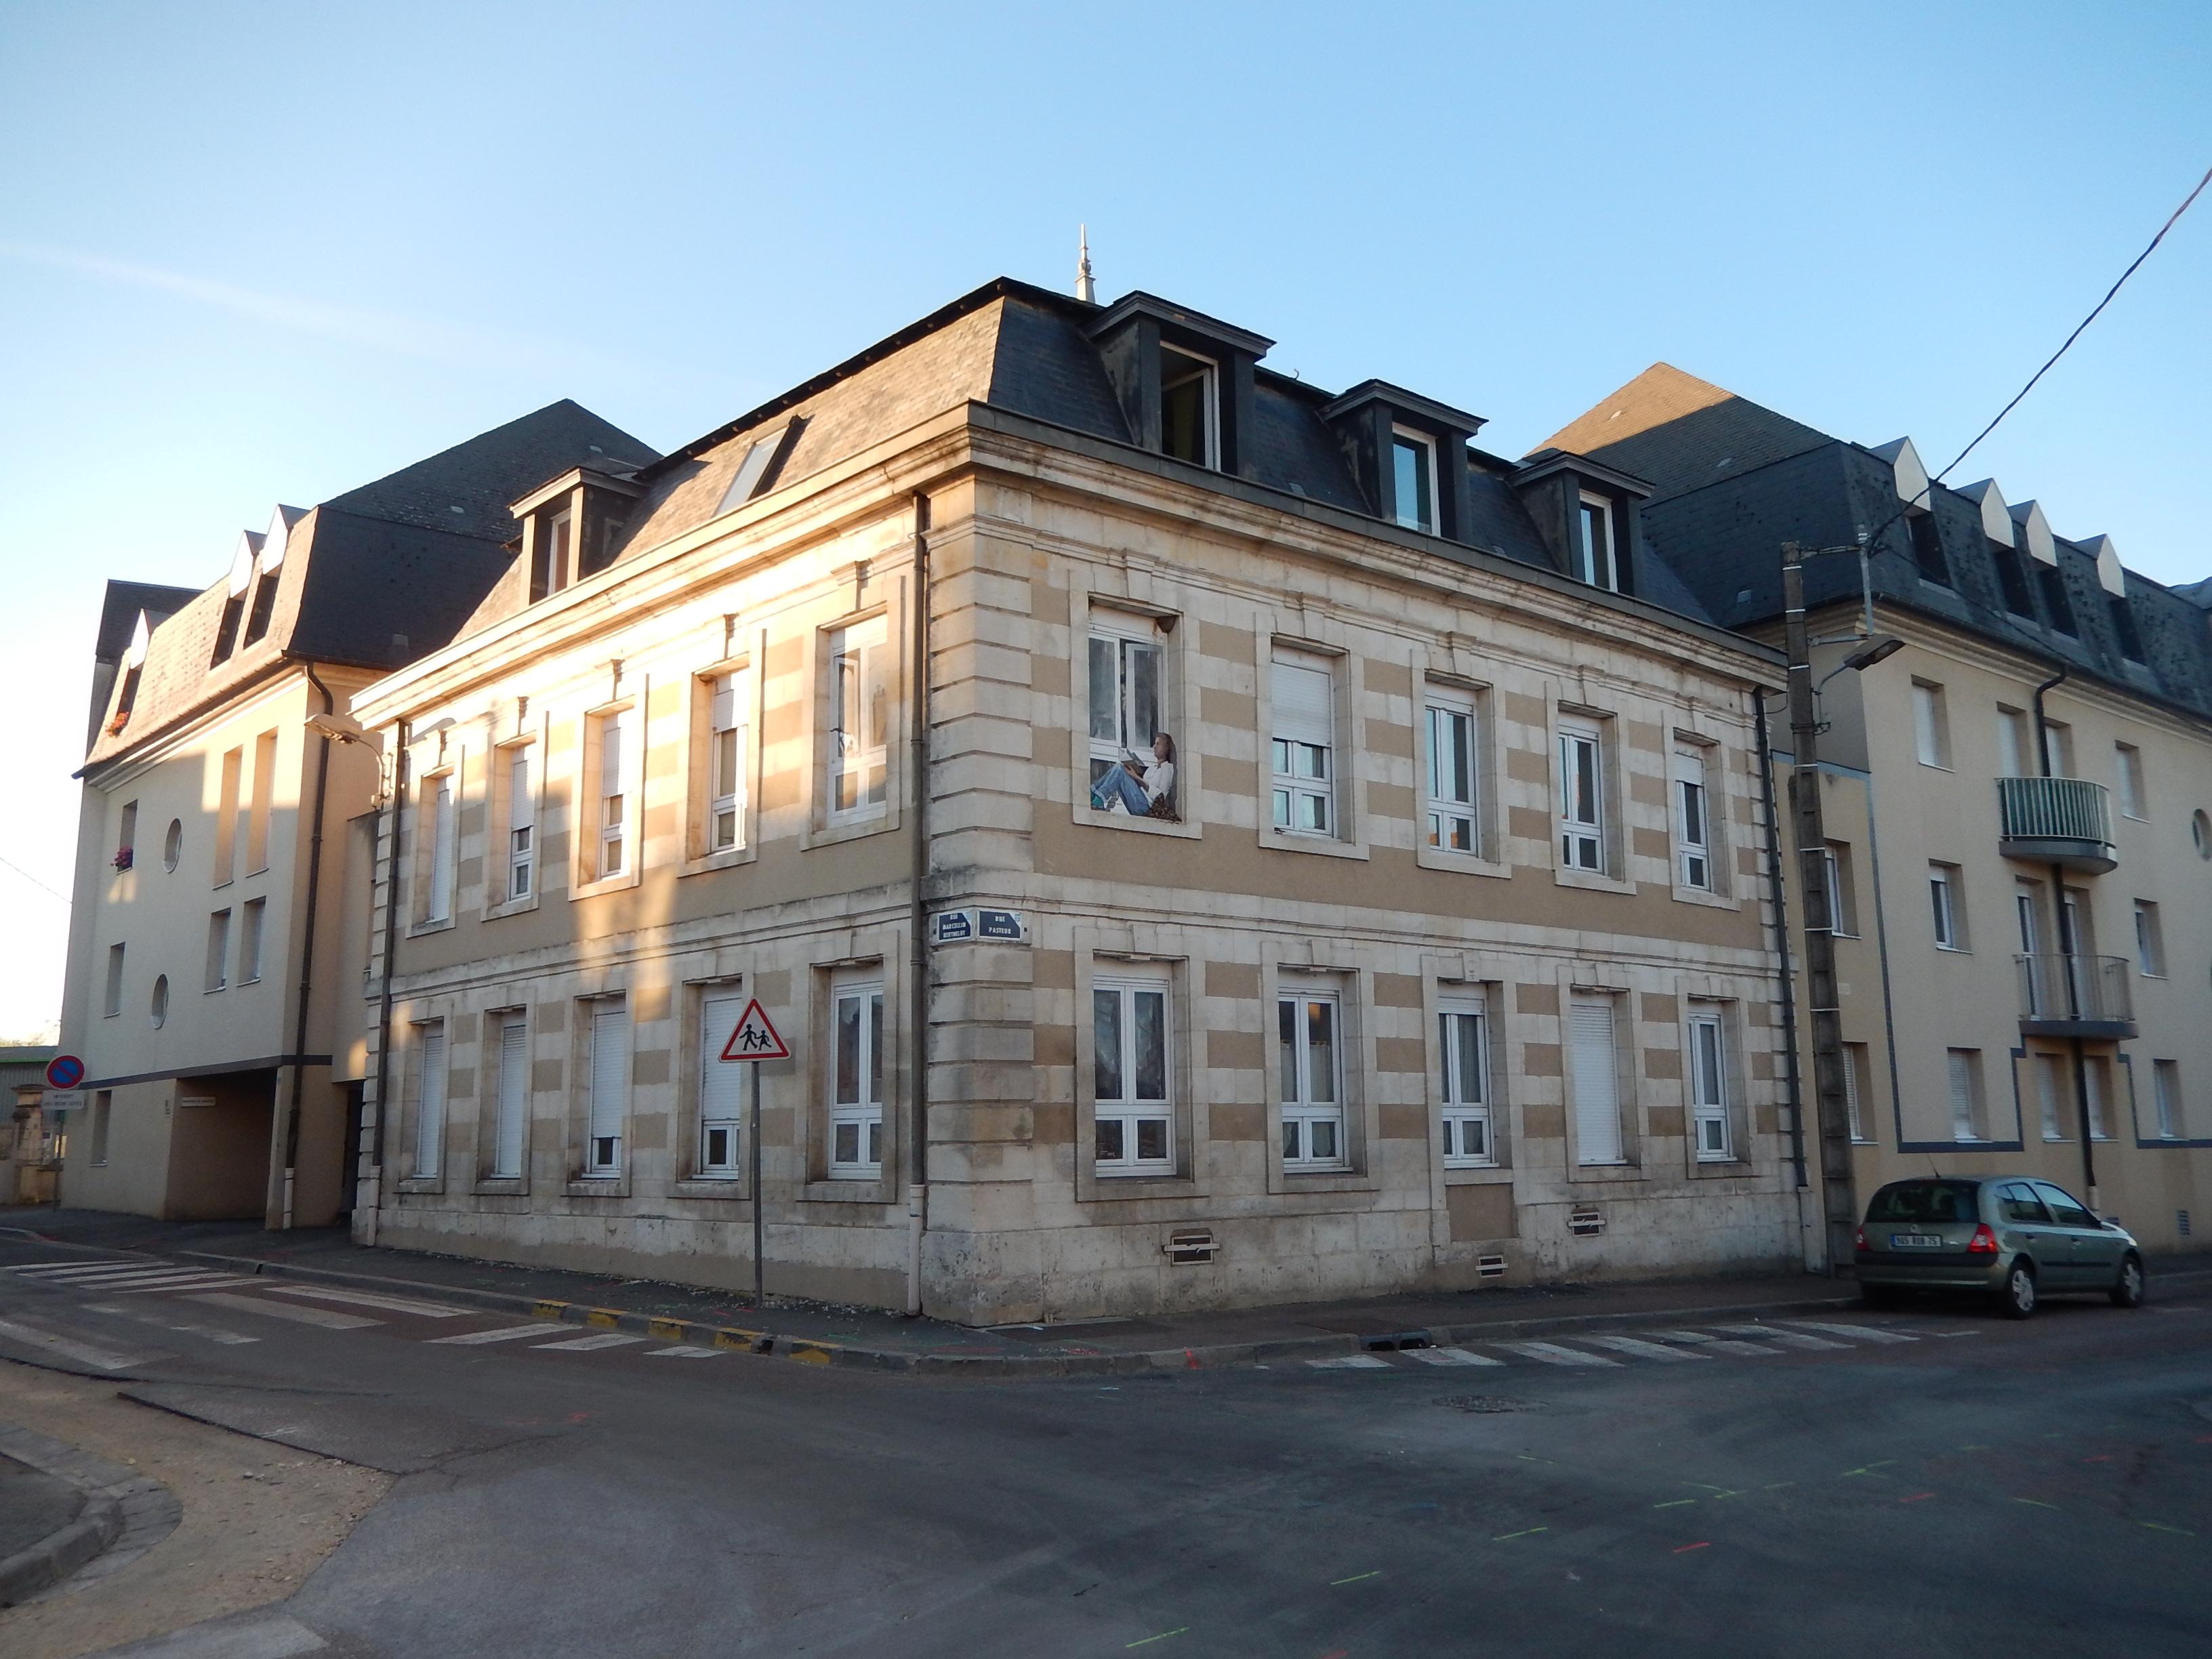 Cosne-Cours-sur-Loire